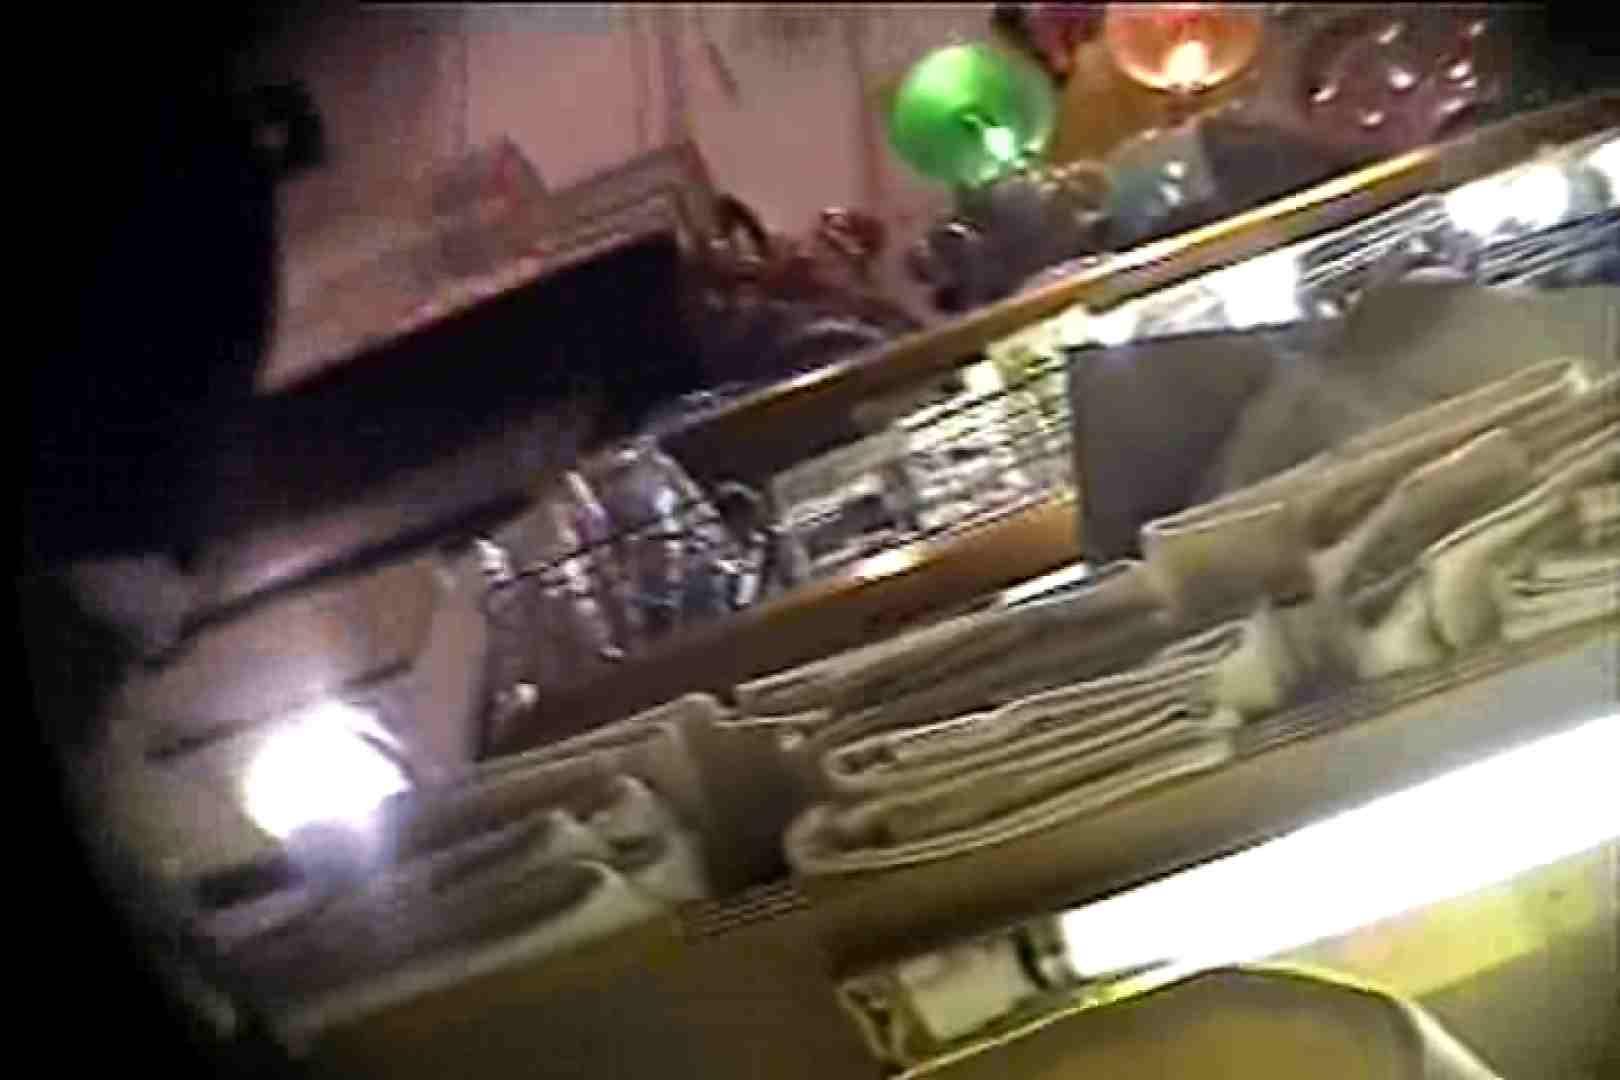 関西発!タツヤのDV直撮り大追跡Vol.1 OLエロ画像  109PICs 64